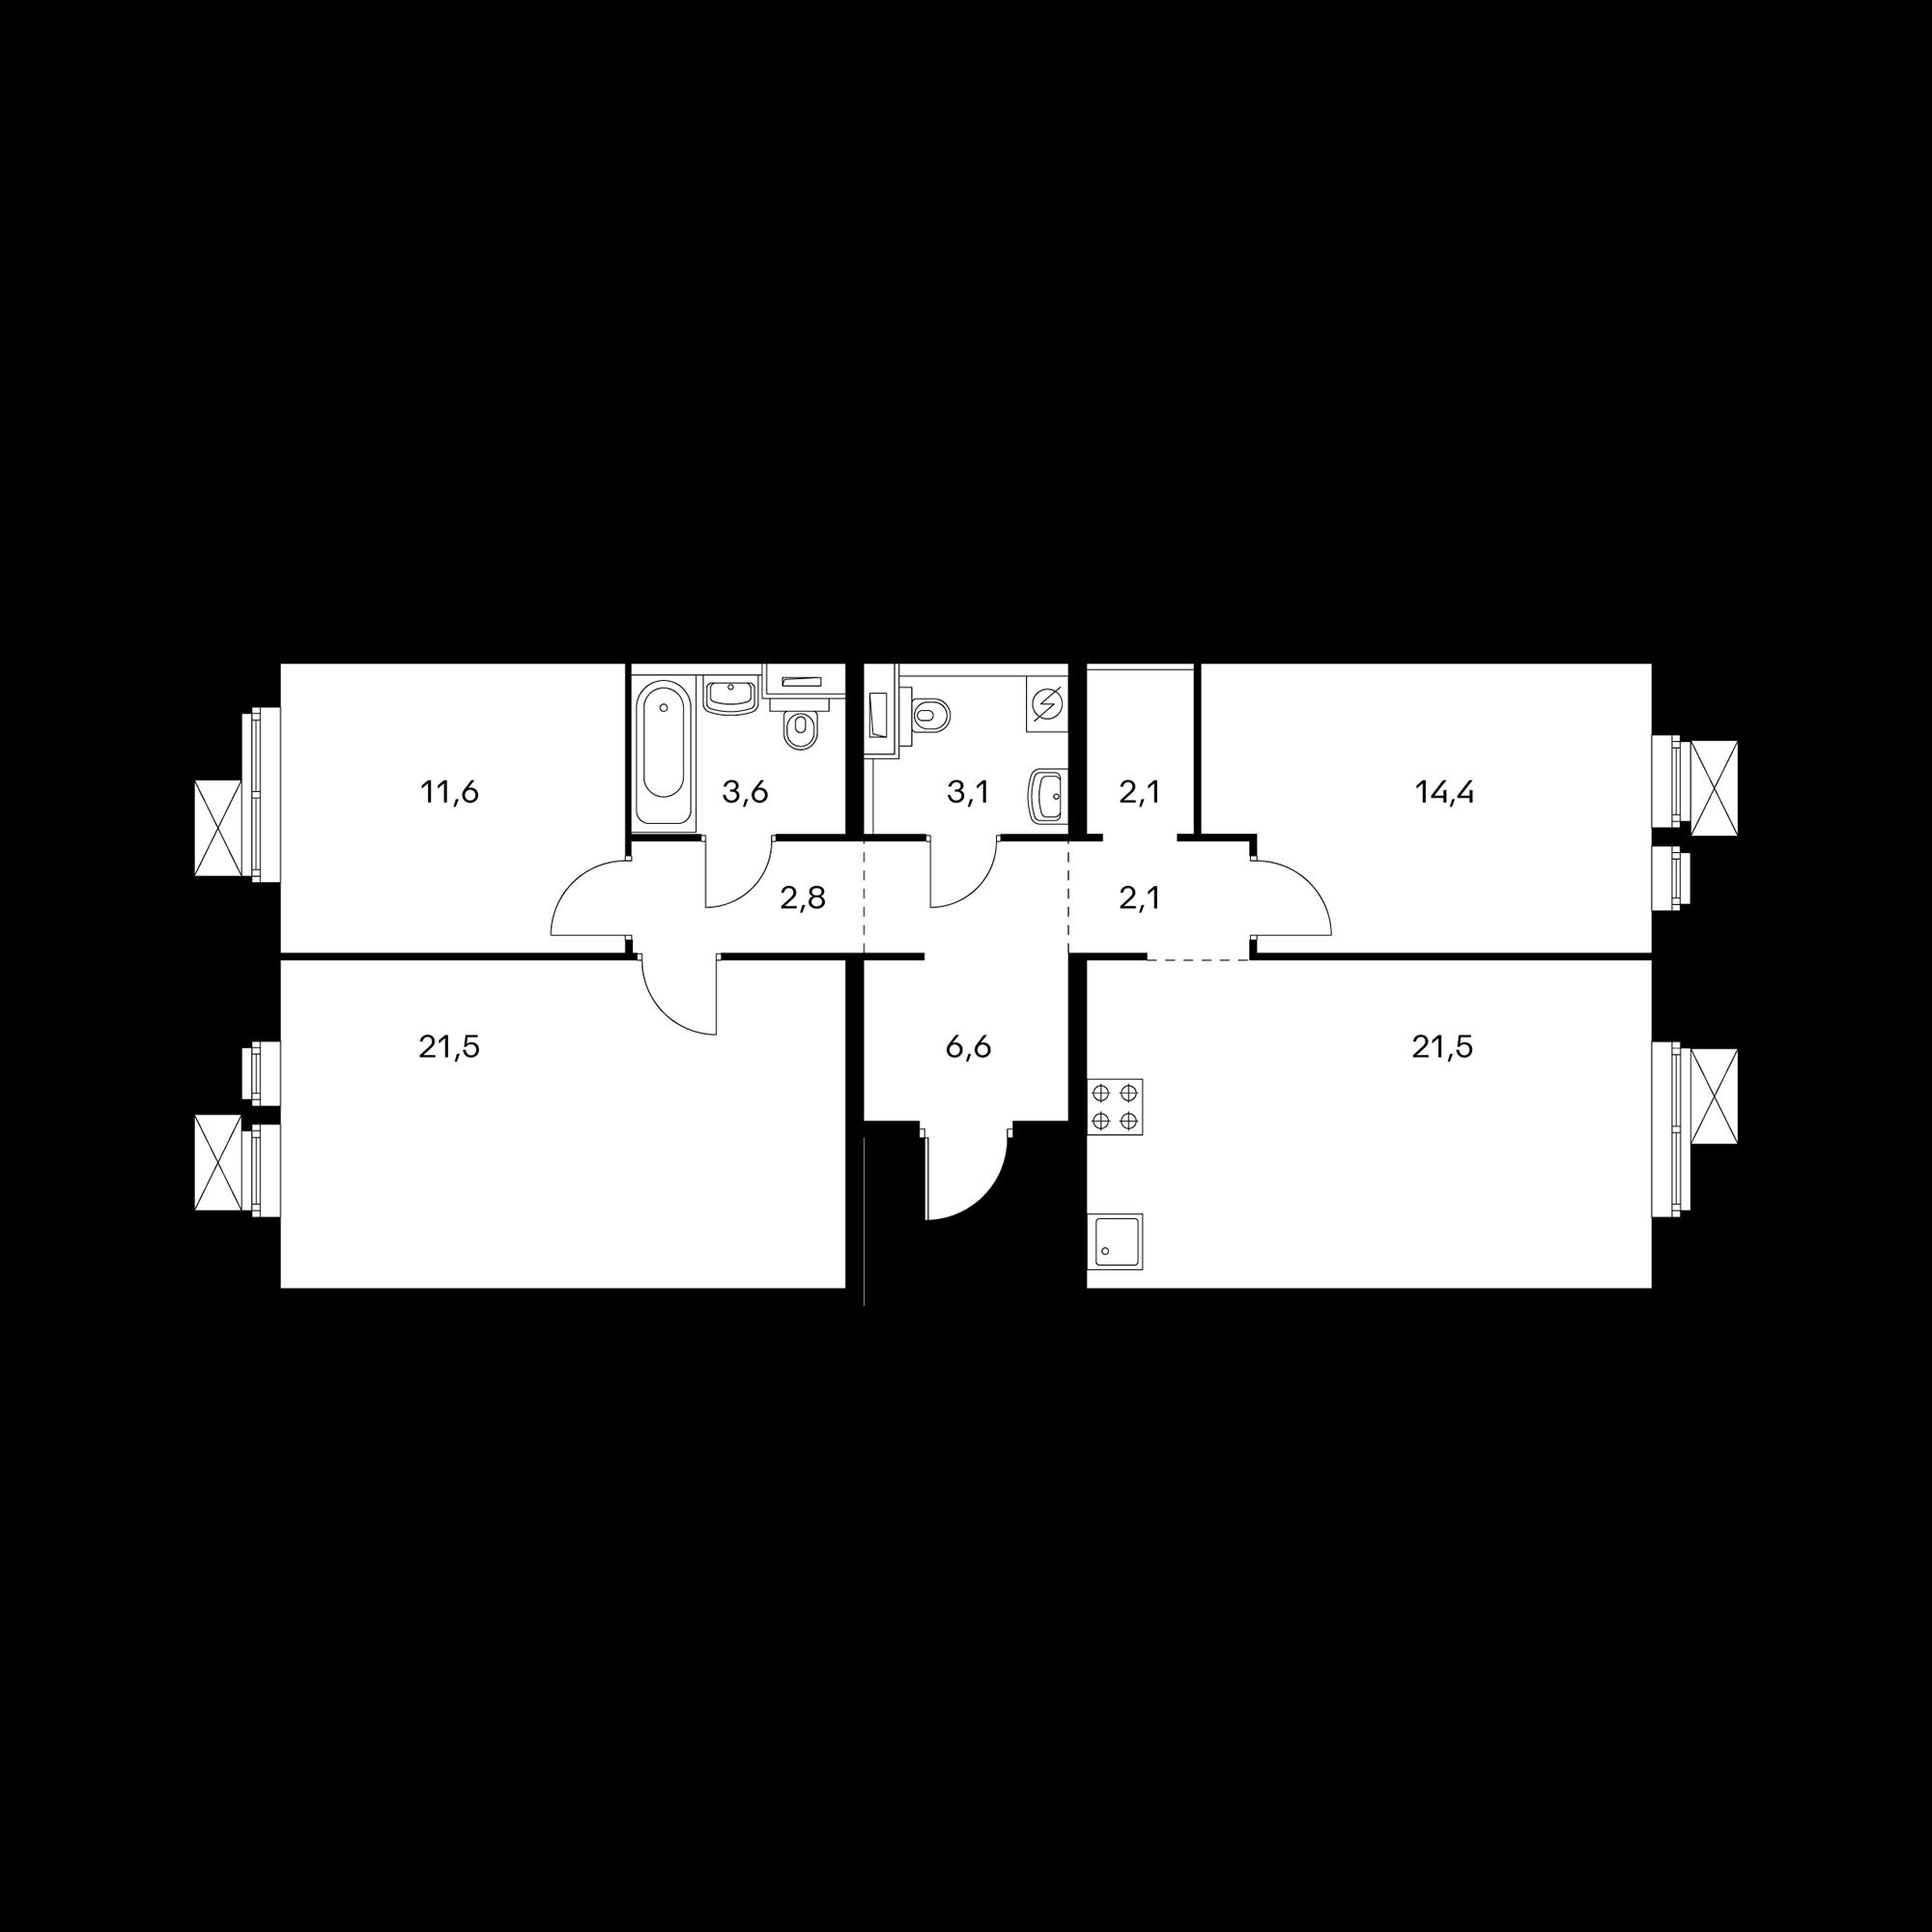 3-комнатная 89.3 м²